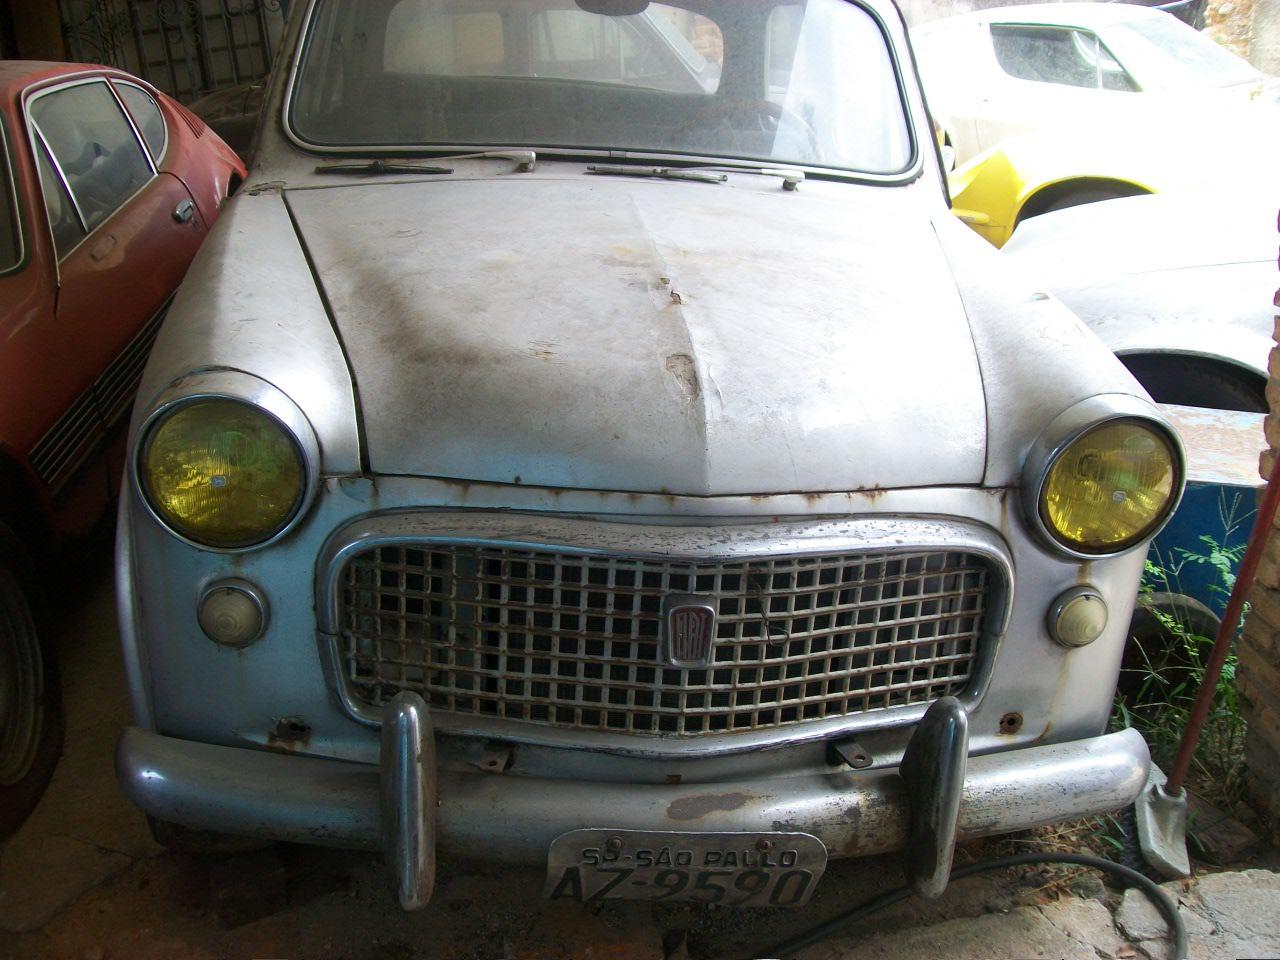 lucas_fiat_1100_millecento1962_sao_paulo_capital Fiat 1100 (Millecento) 1962